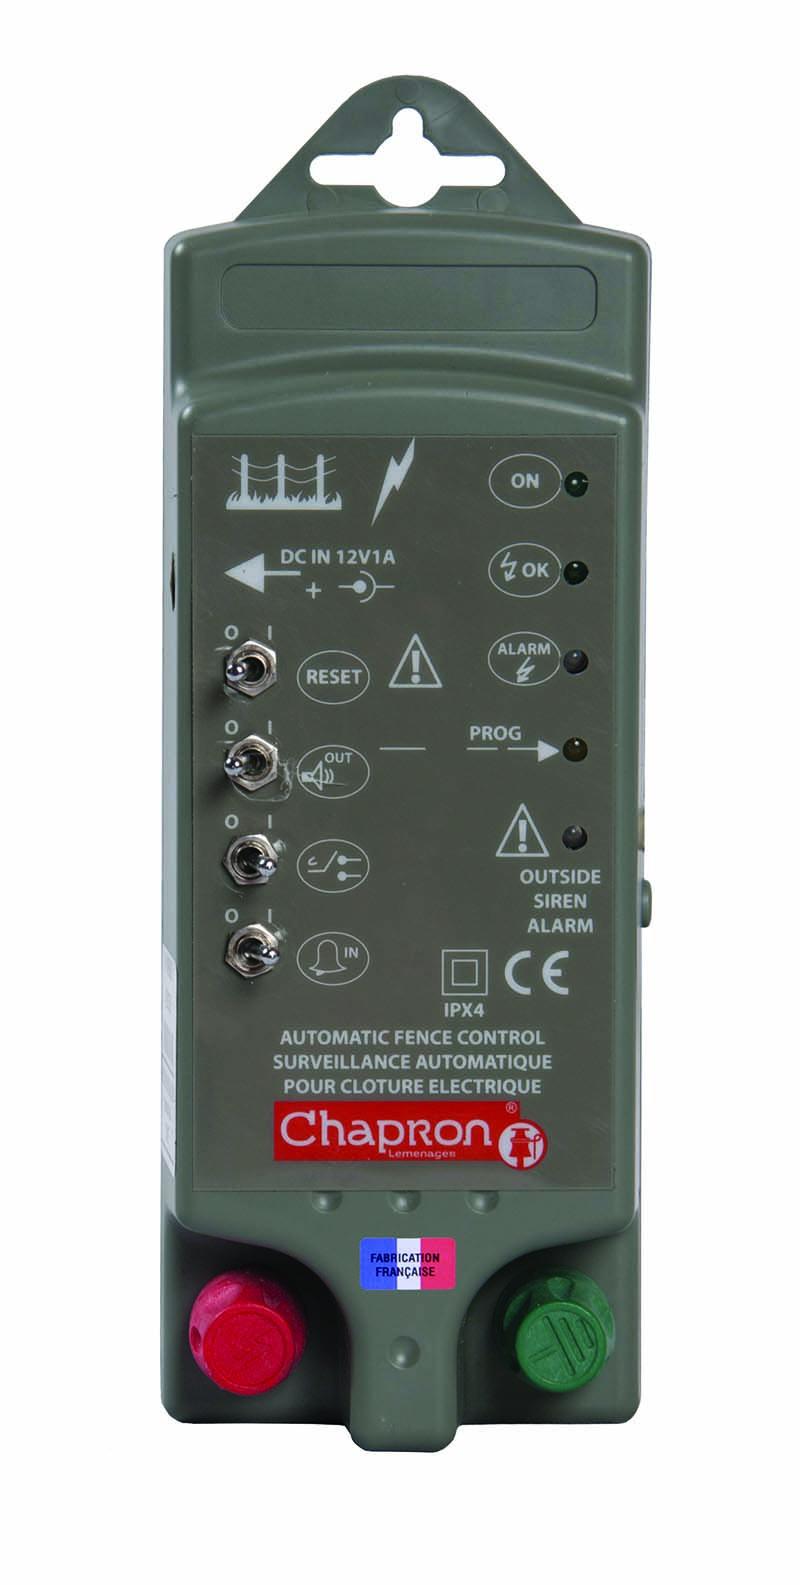 Fotografie Chapron SATURNE alarm pro hlídání napětí a uzemnění elektrického ohradníku